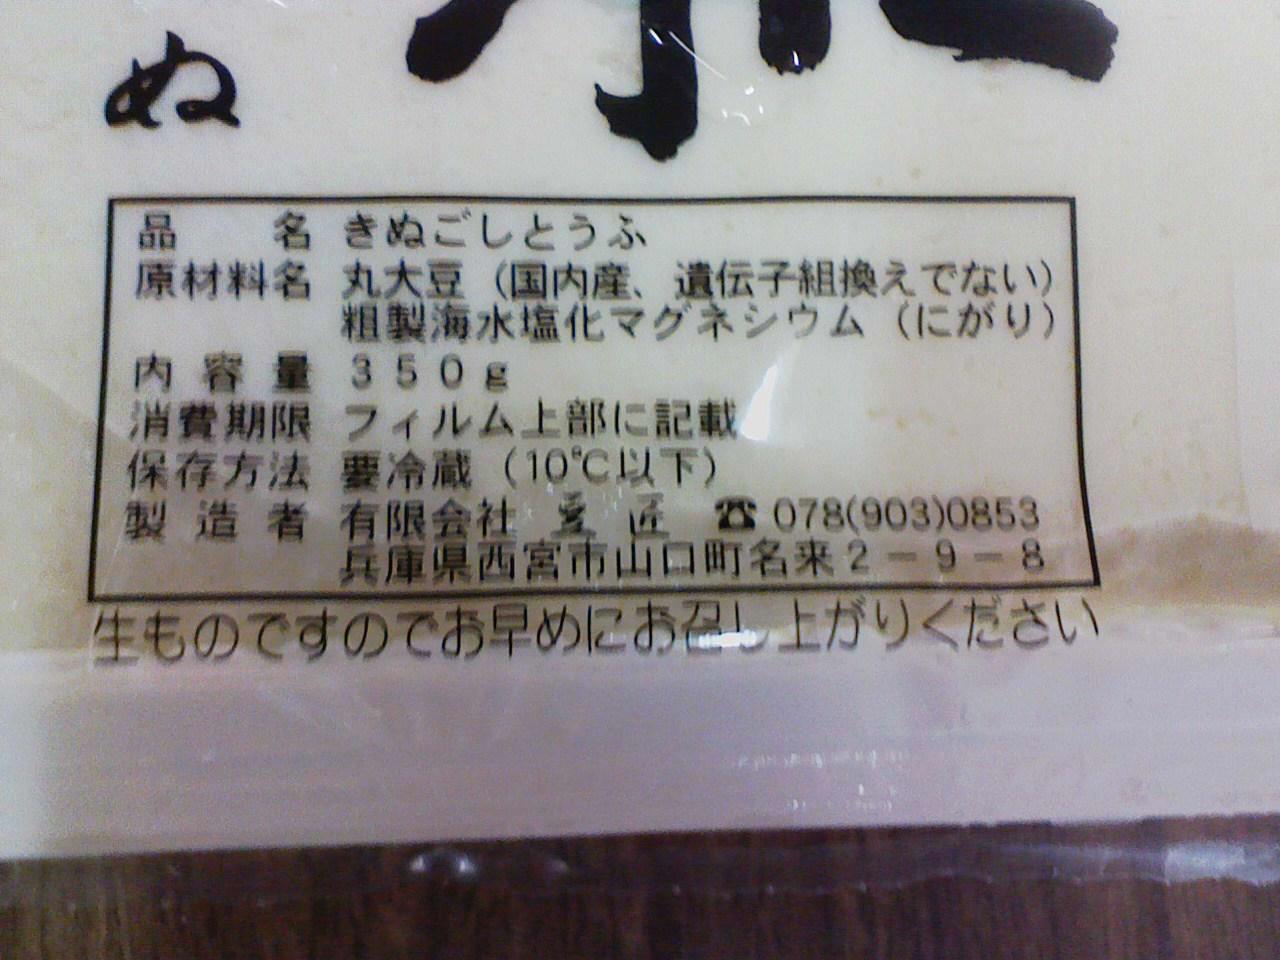 角打ちで「300円豆腐」の贅沢とは?_c0061686_658255.jpg